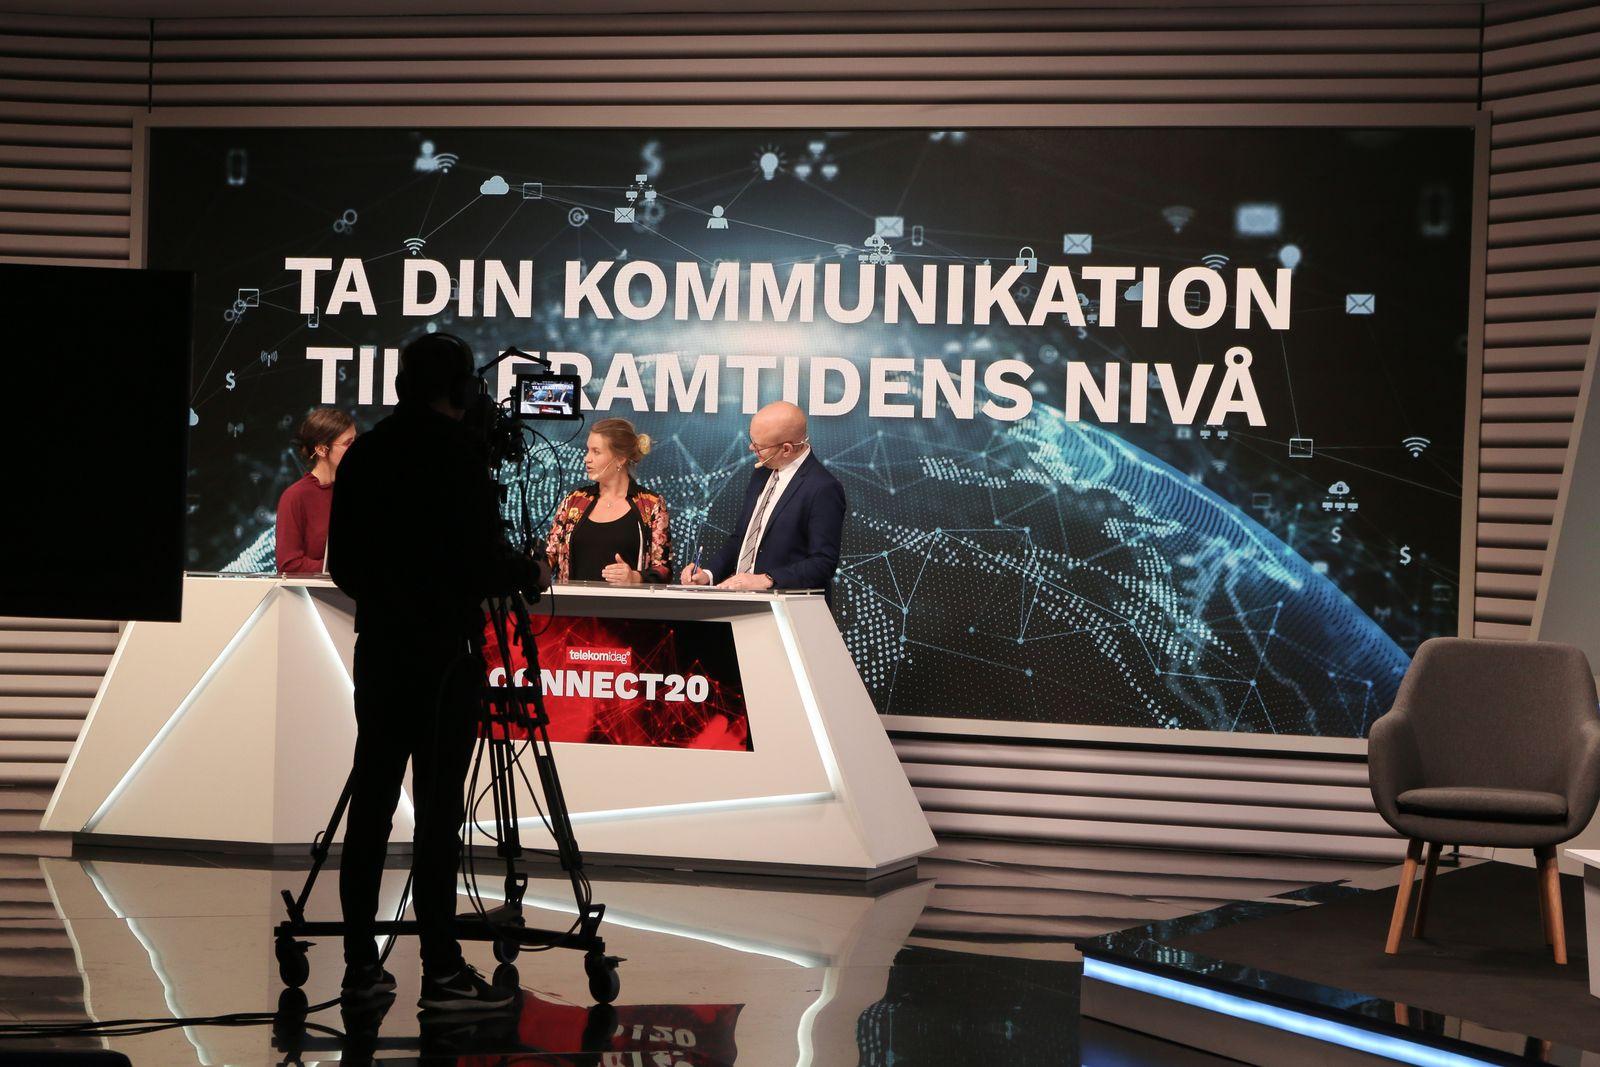 Martina Klingvall på Connect20 inspelningen